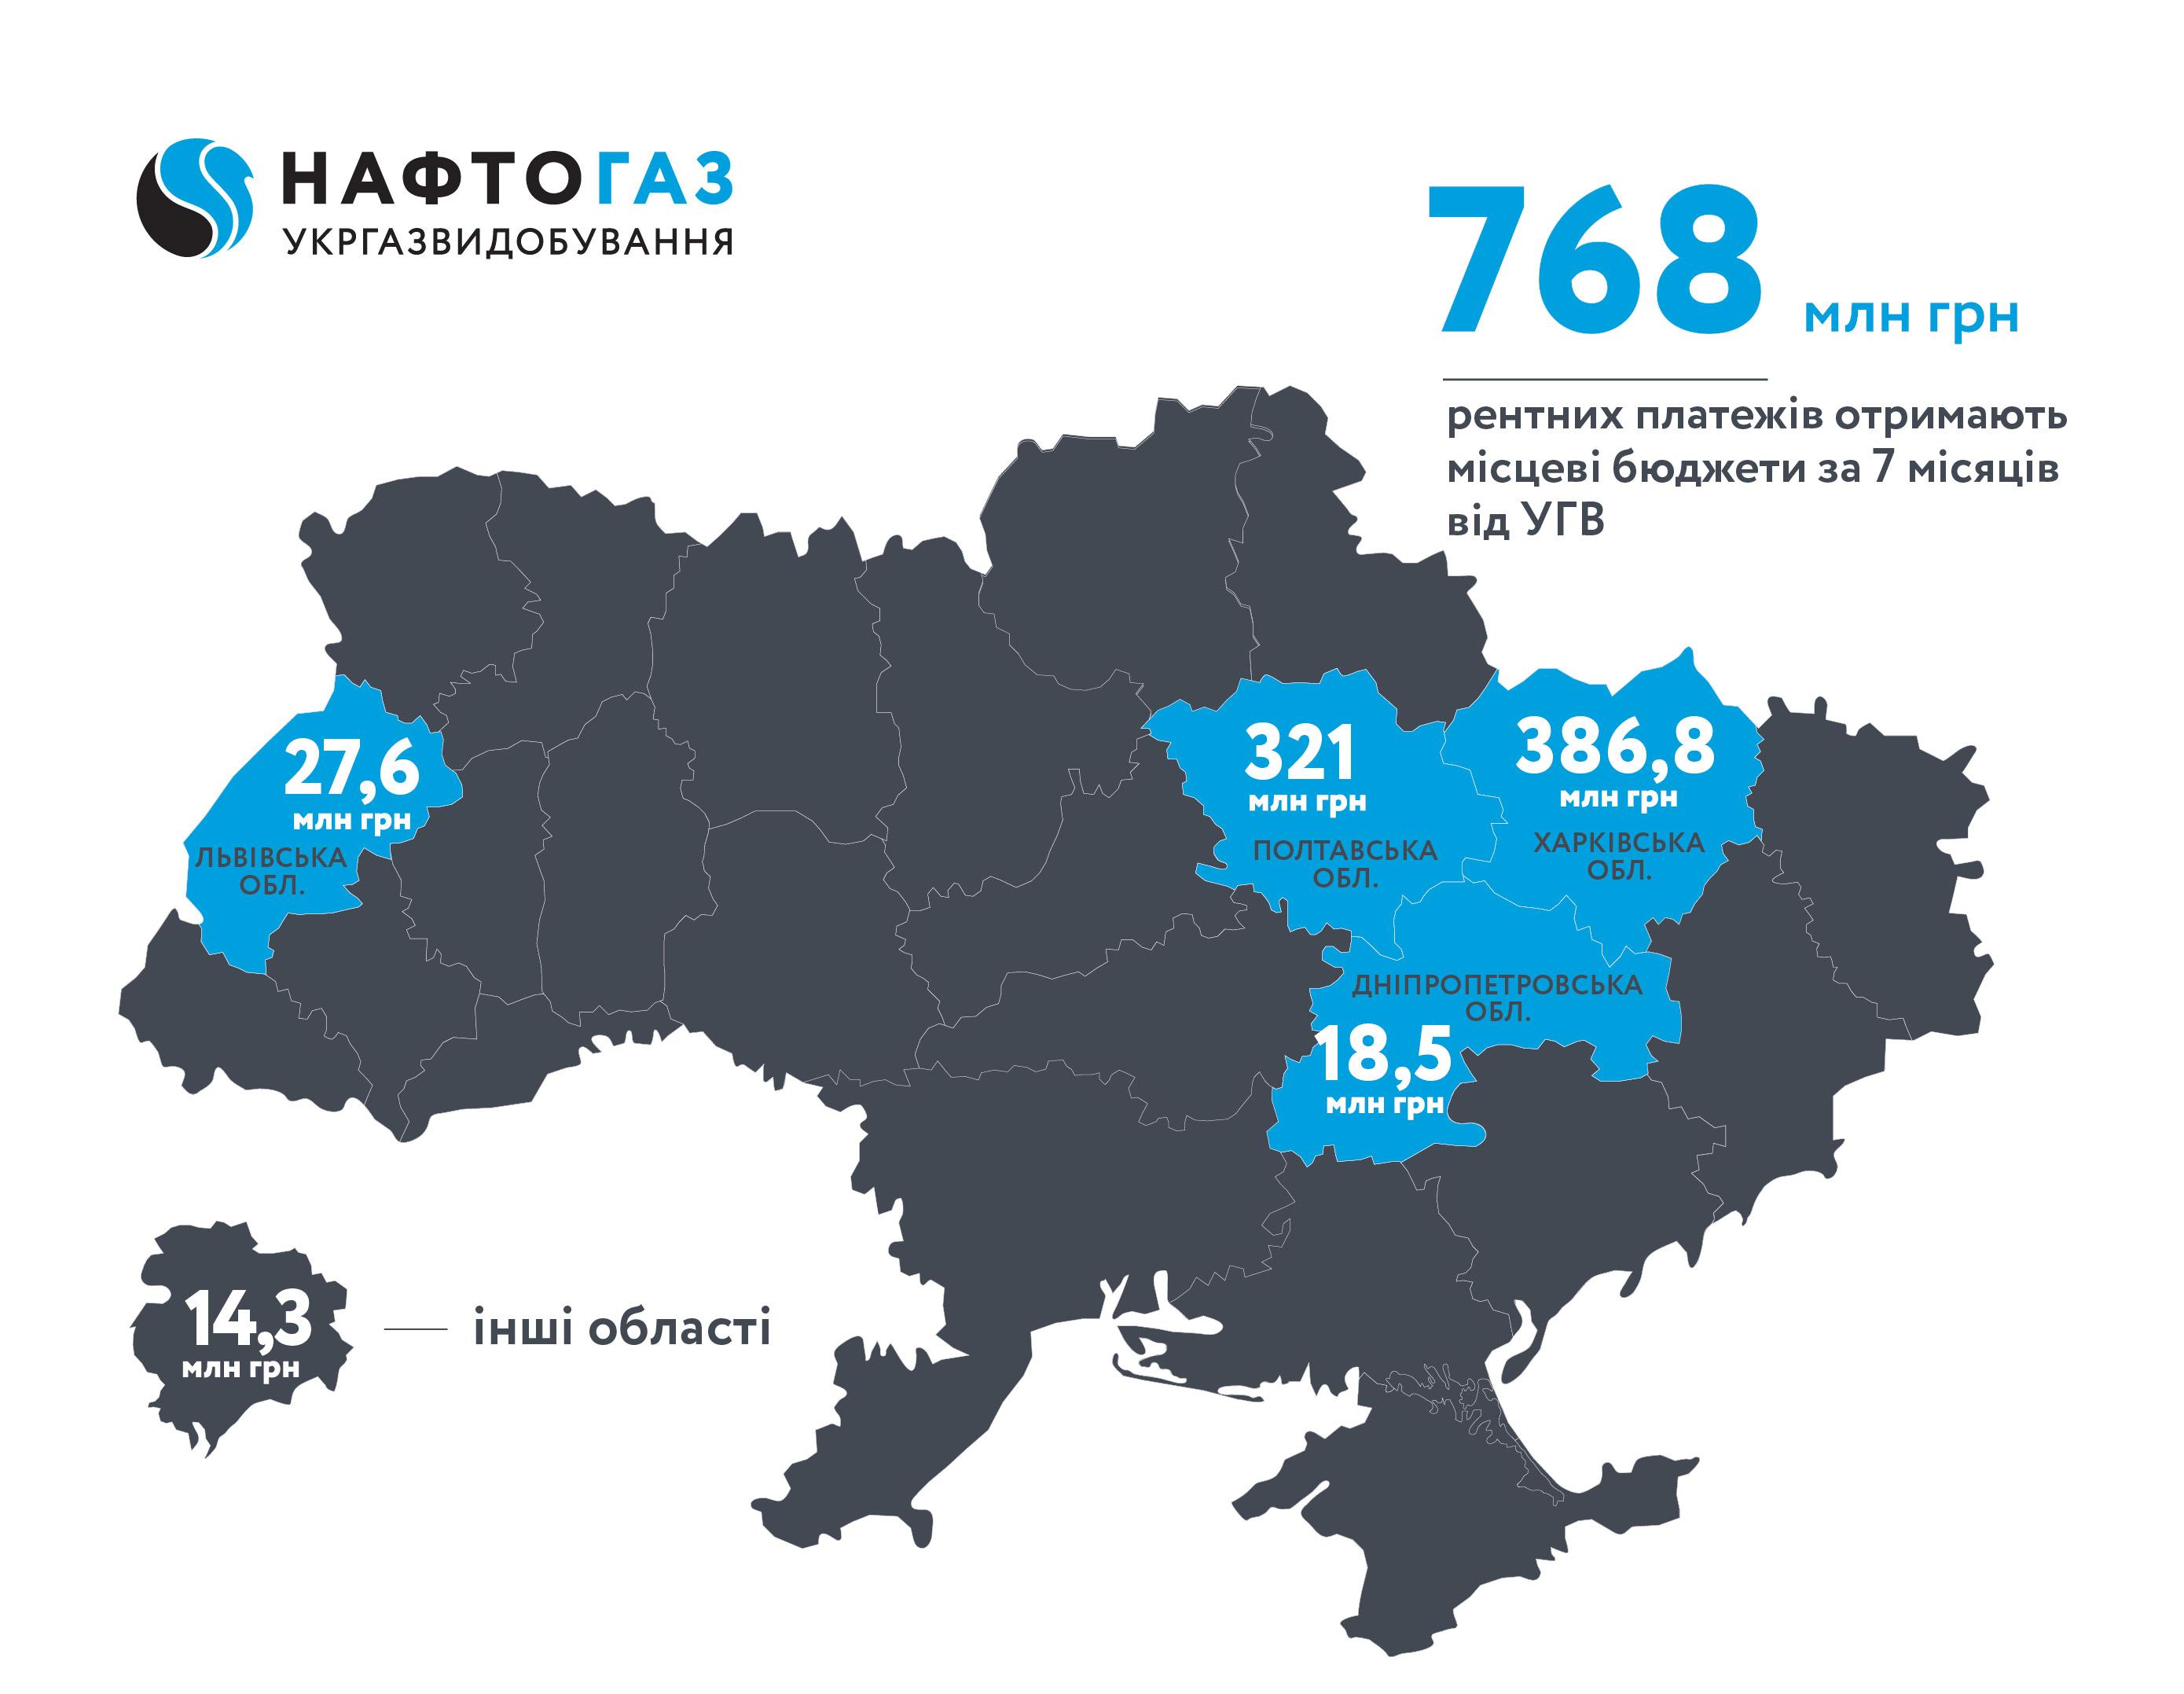 Укргазвидобування за 7 місяців 2019 року спрямувало до місцевих бюджетів понад 768 млн грн рентних платежів